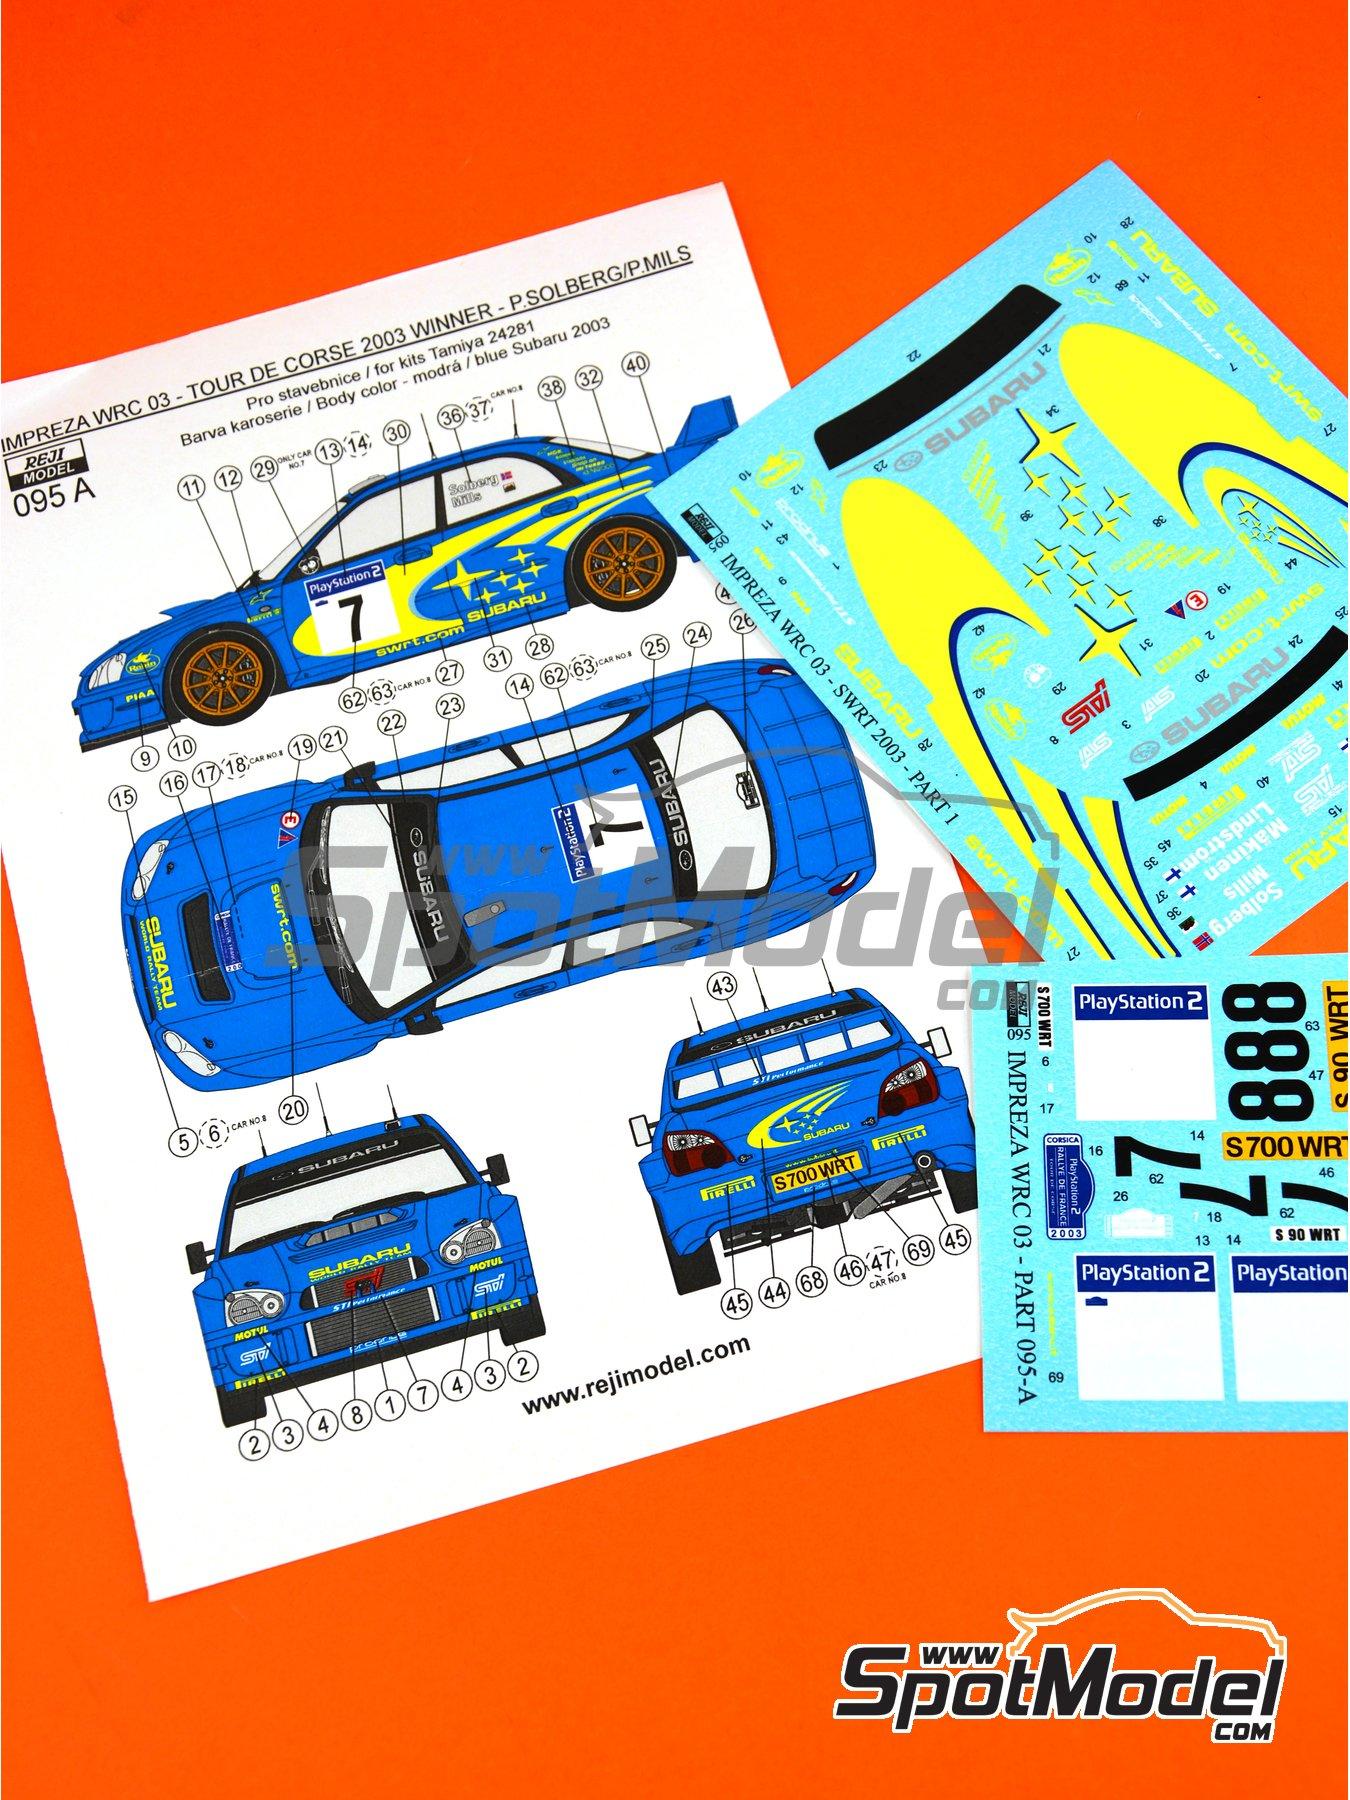 Subaru Impreza WRC - Rally Tour de Corse 2003 | Decoración en escala1/24 fabricado por Reji Model (ref.REJI-095A) image